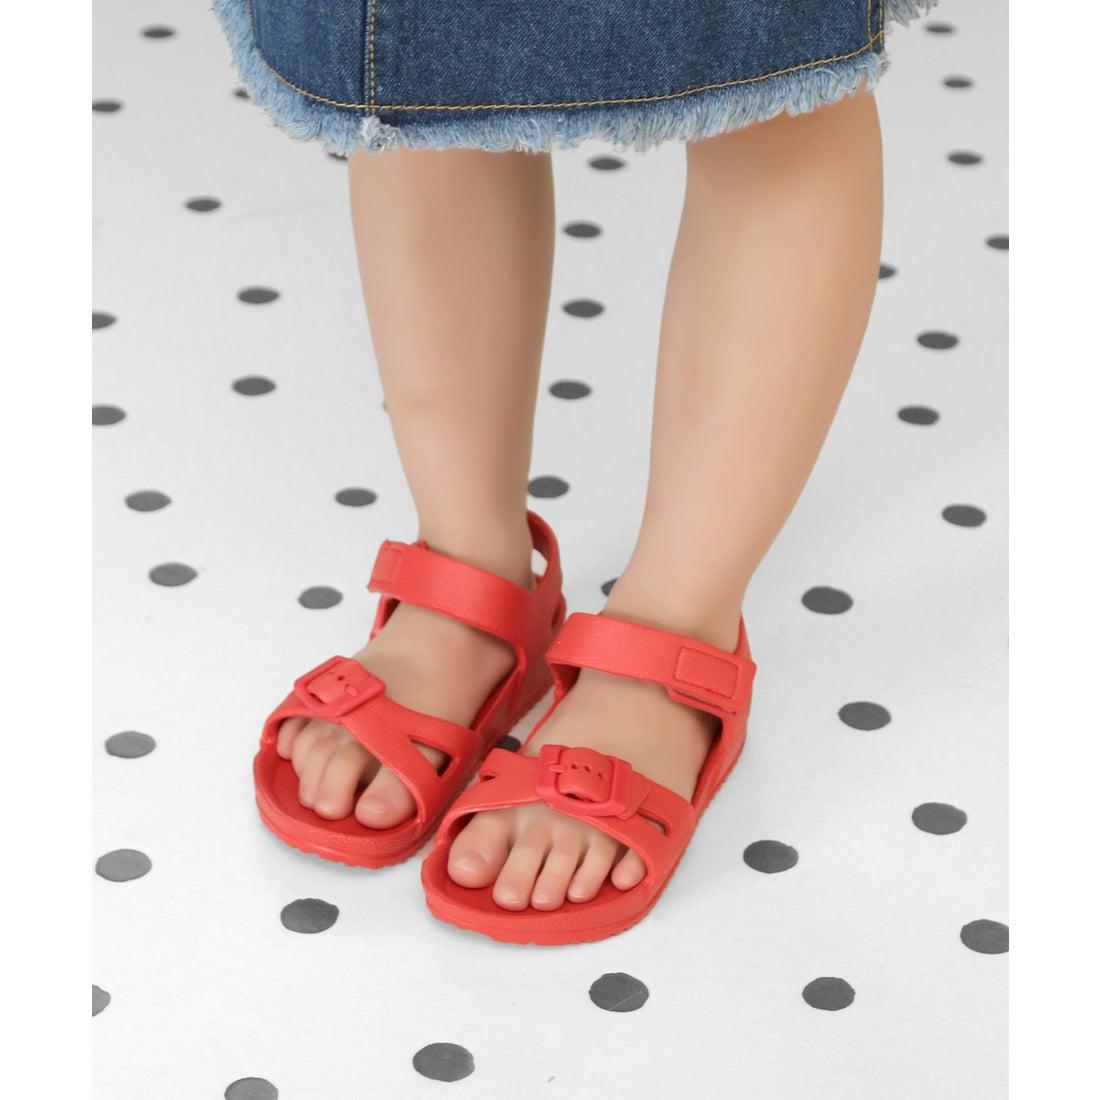 542e06f57b21c キッズ ソロット SOROTTO EVAアンクルストラップサンダル ソロット SOROTTO (KIDS) (RED) -靴&ファッション通販  ロコンド〜自宅で試着、気軽に返品